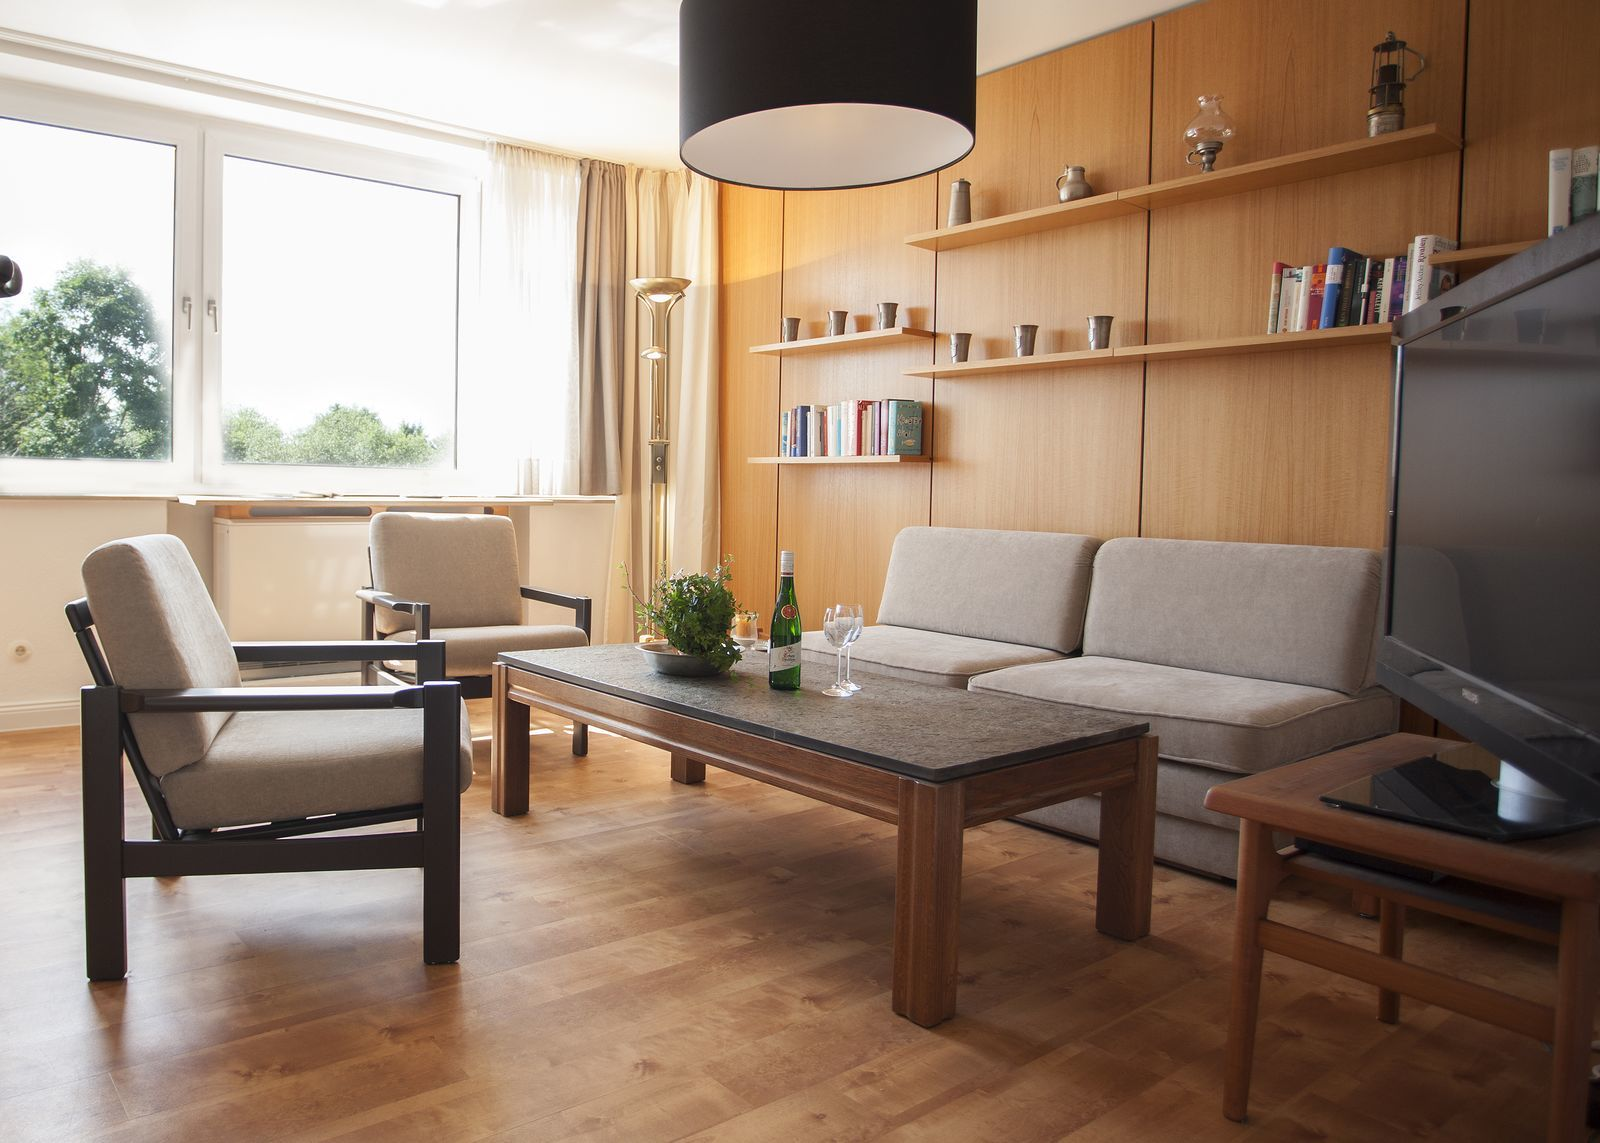 Appartement - Am Waltenberg 55-I